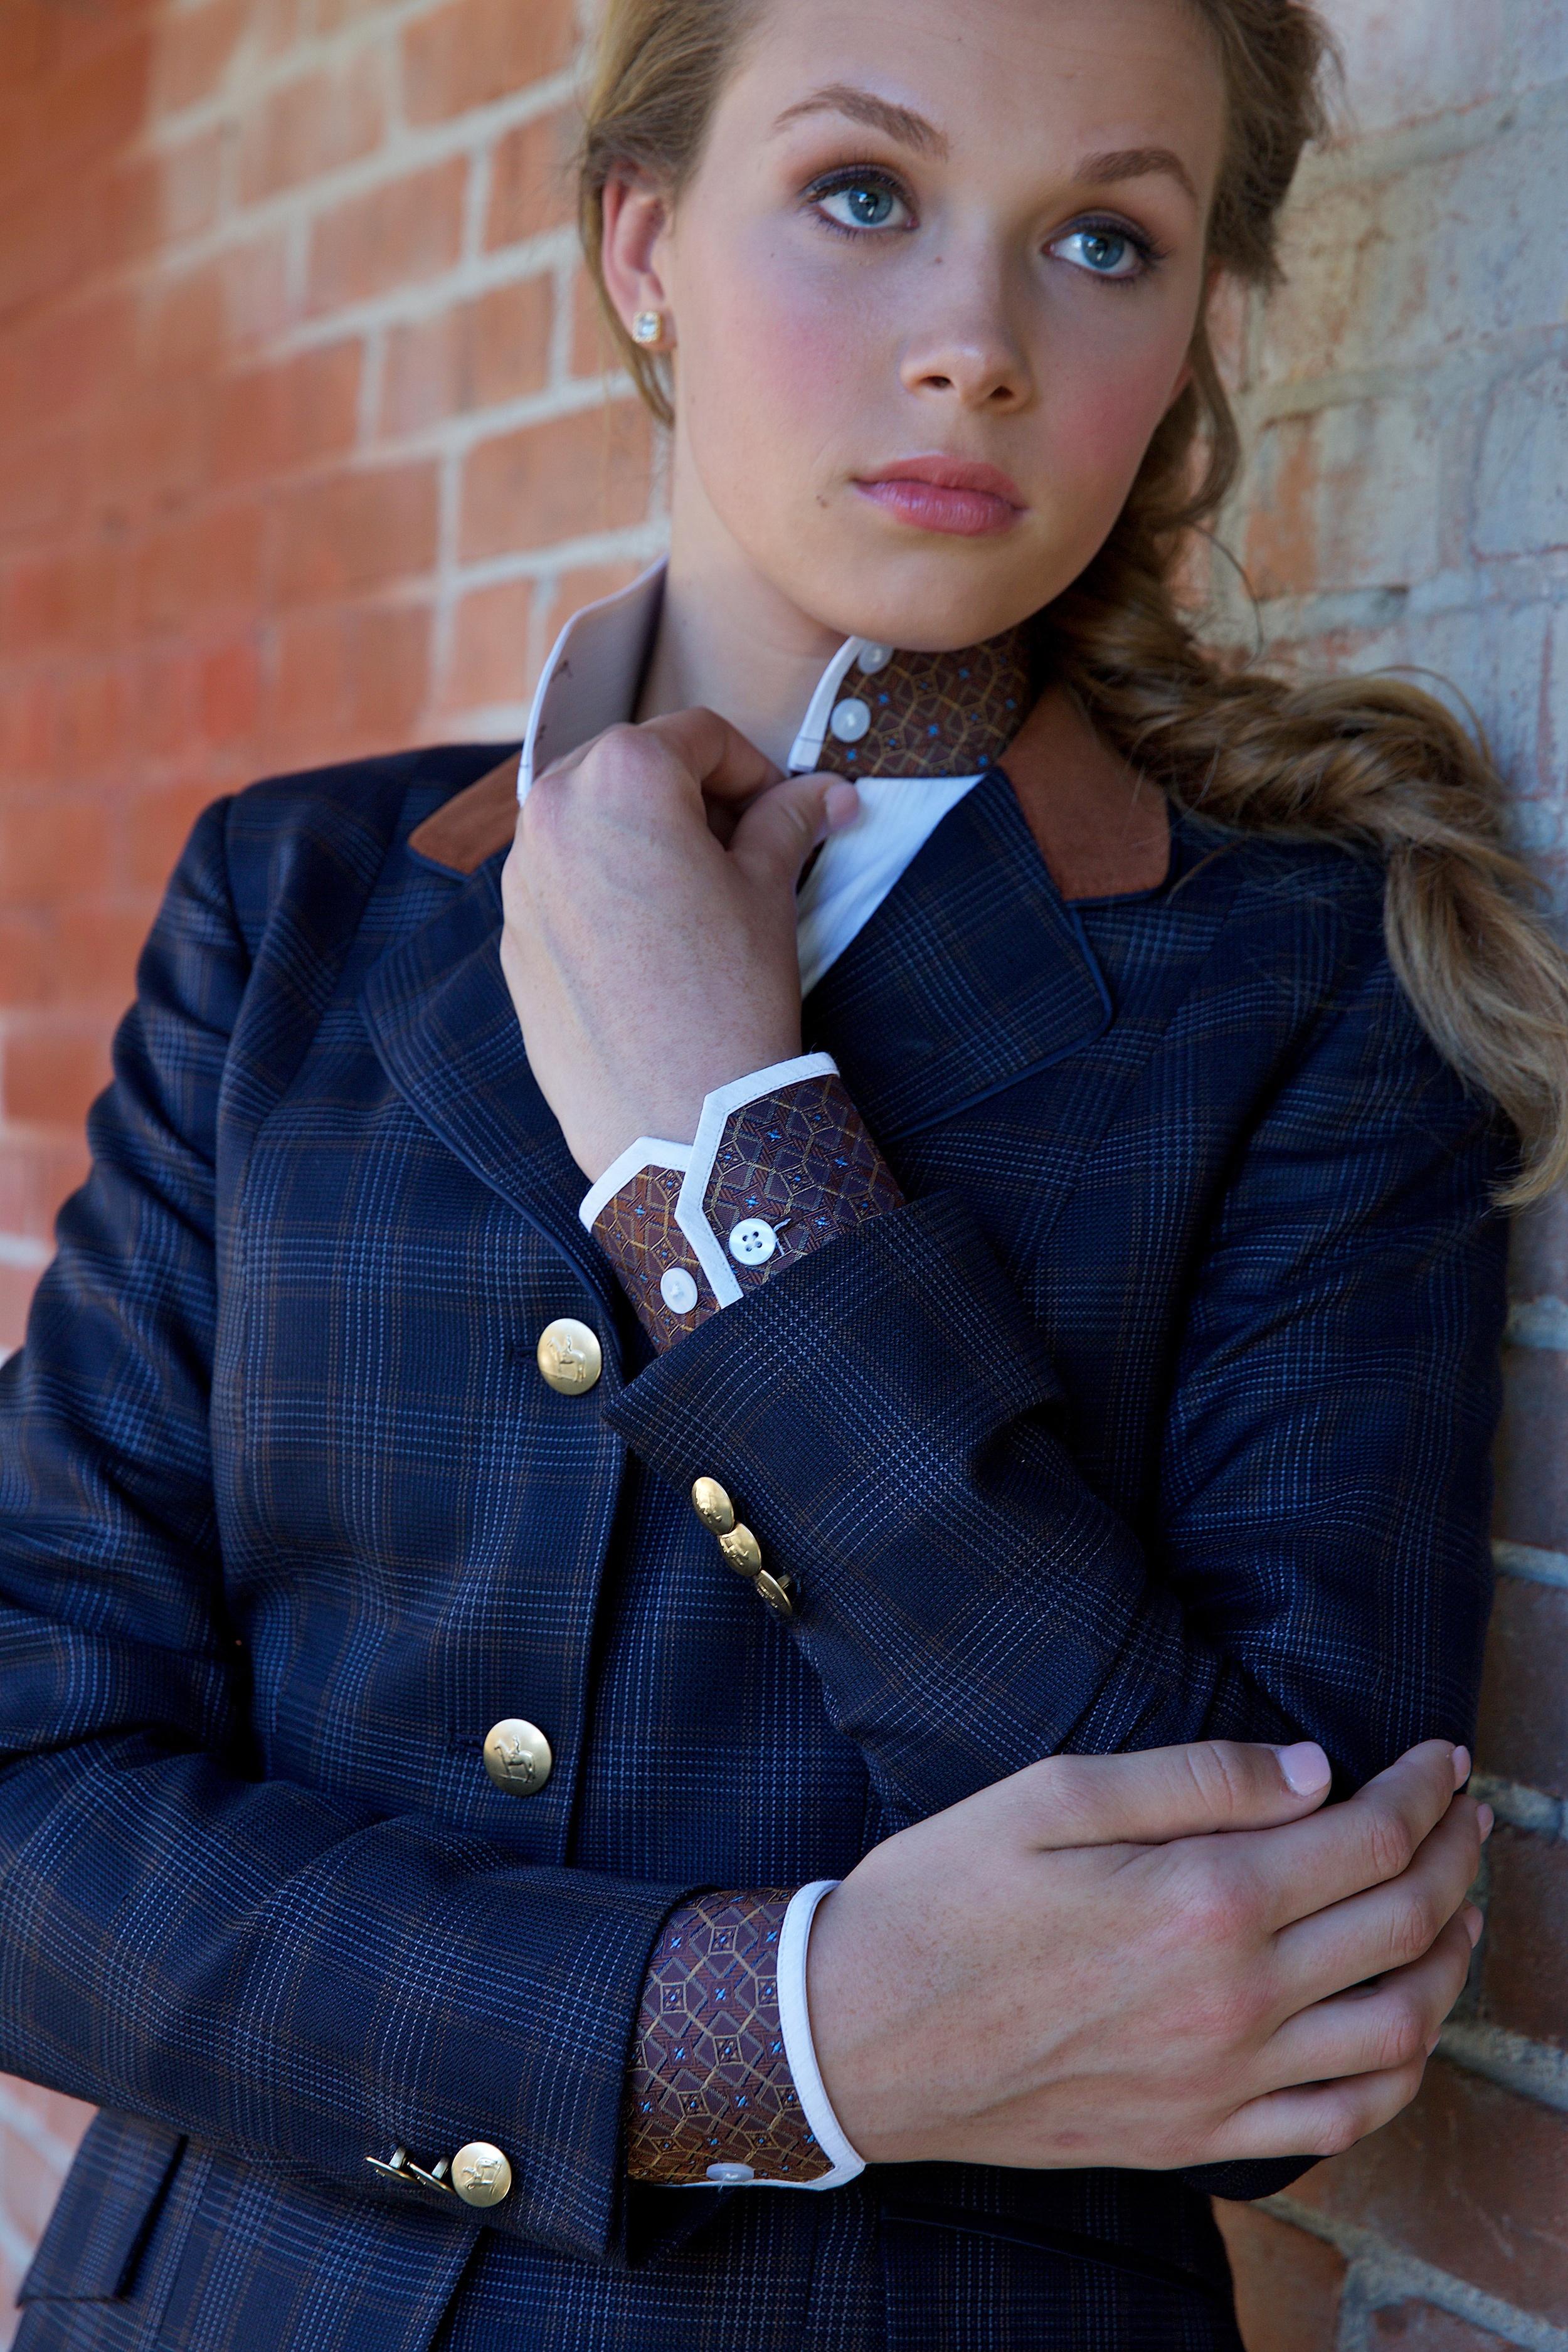 Riding Jackets and Coats